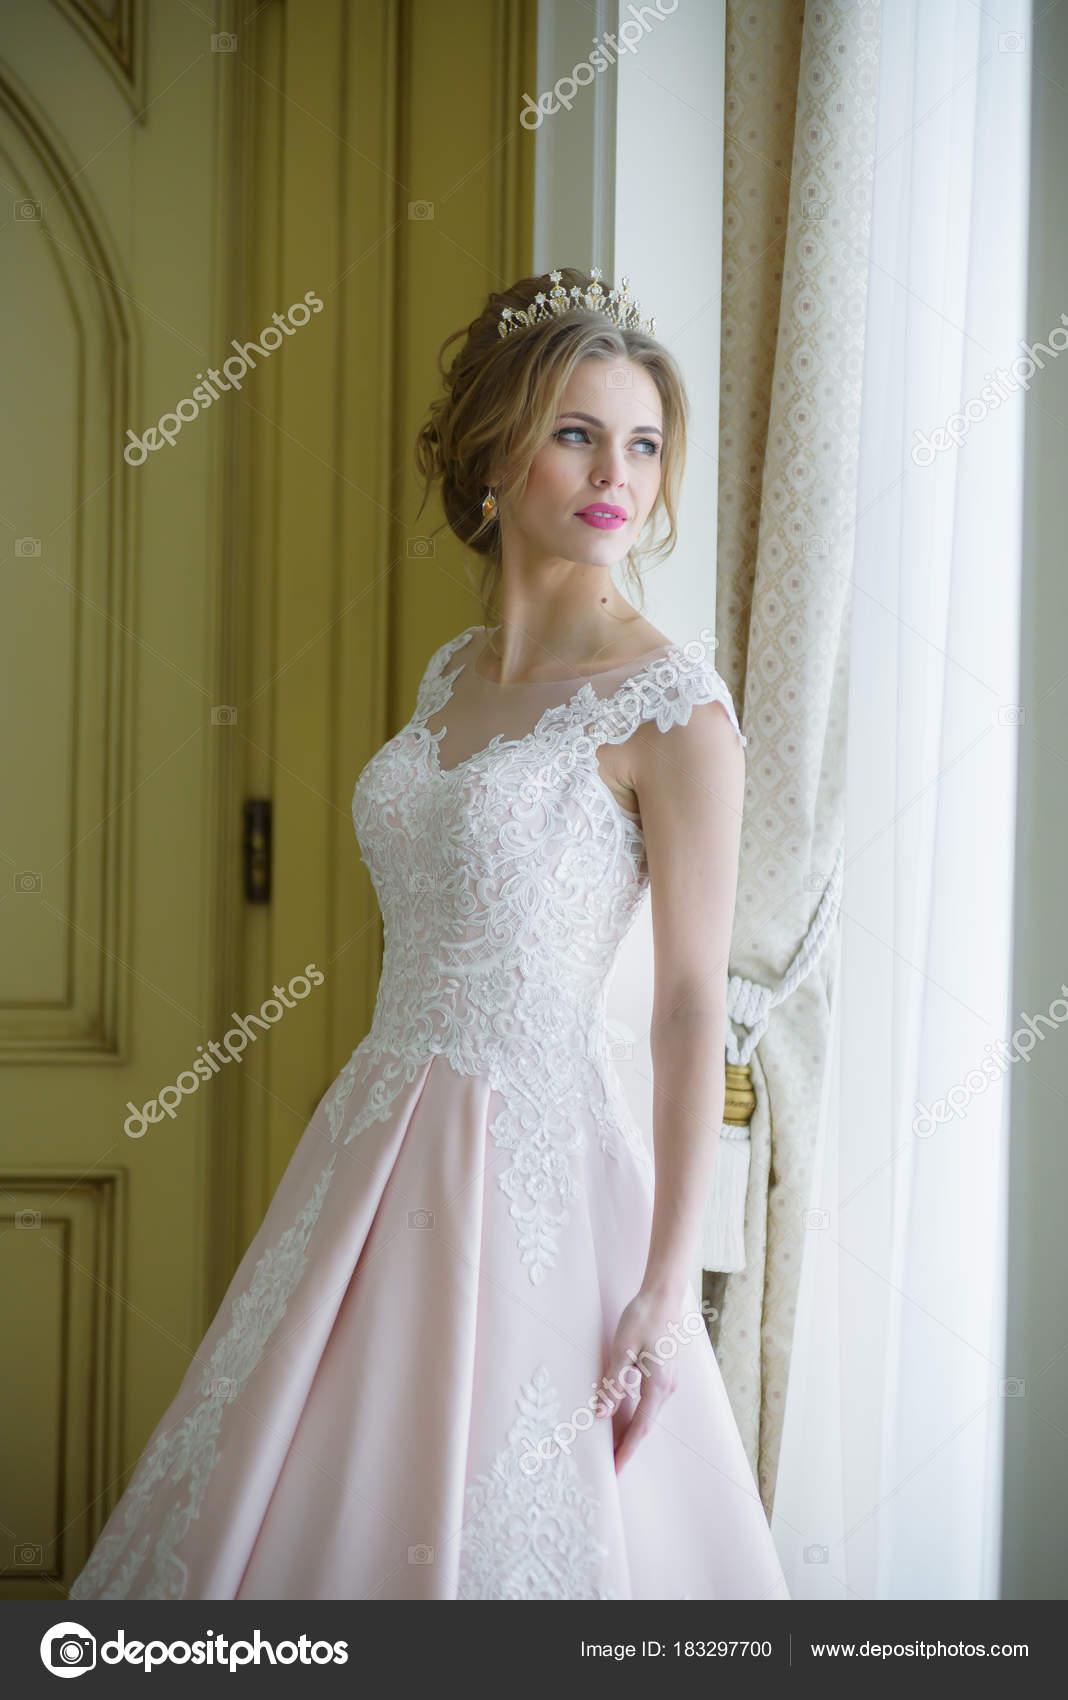 Schöne Braut Hochzeit Kleid Weiß Innen — Stockfoto © alipko #183297700